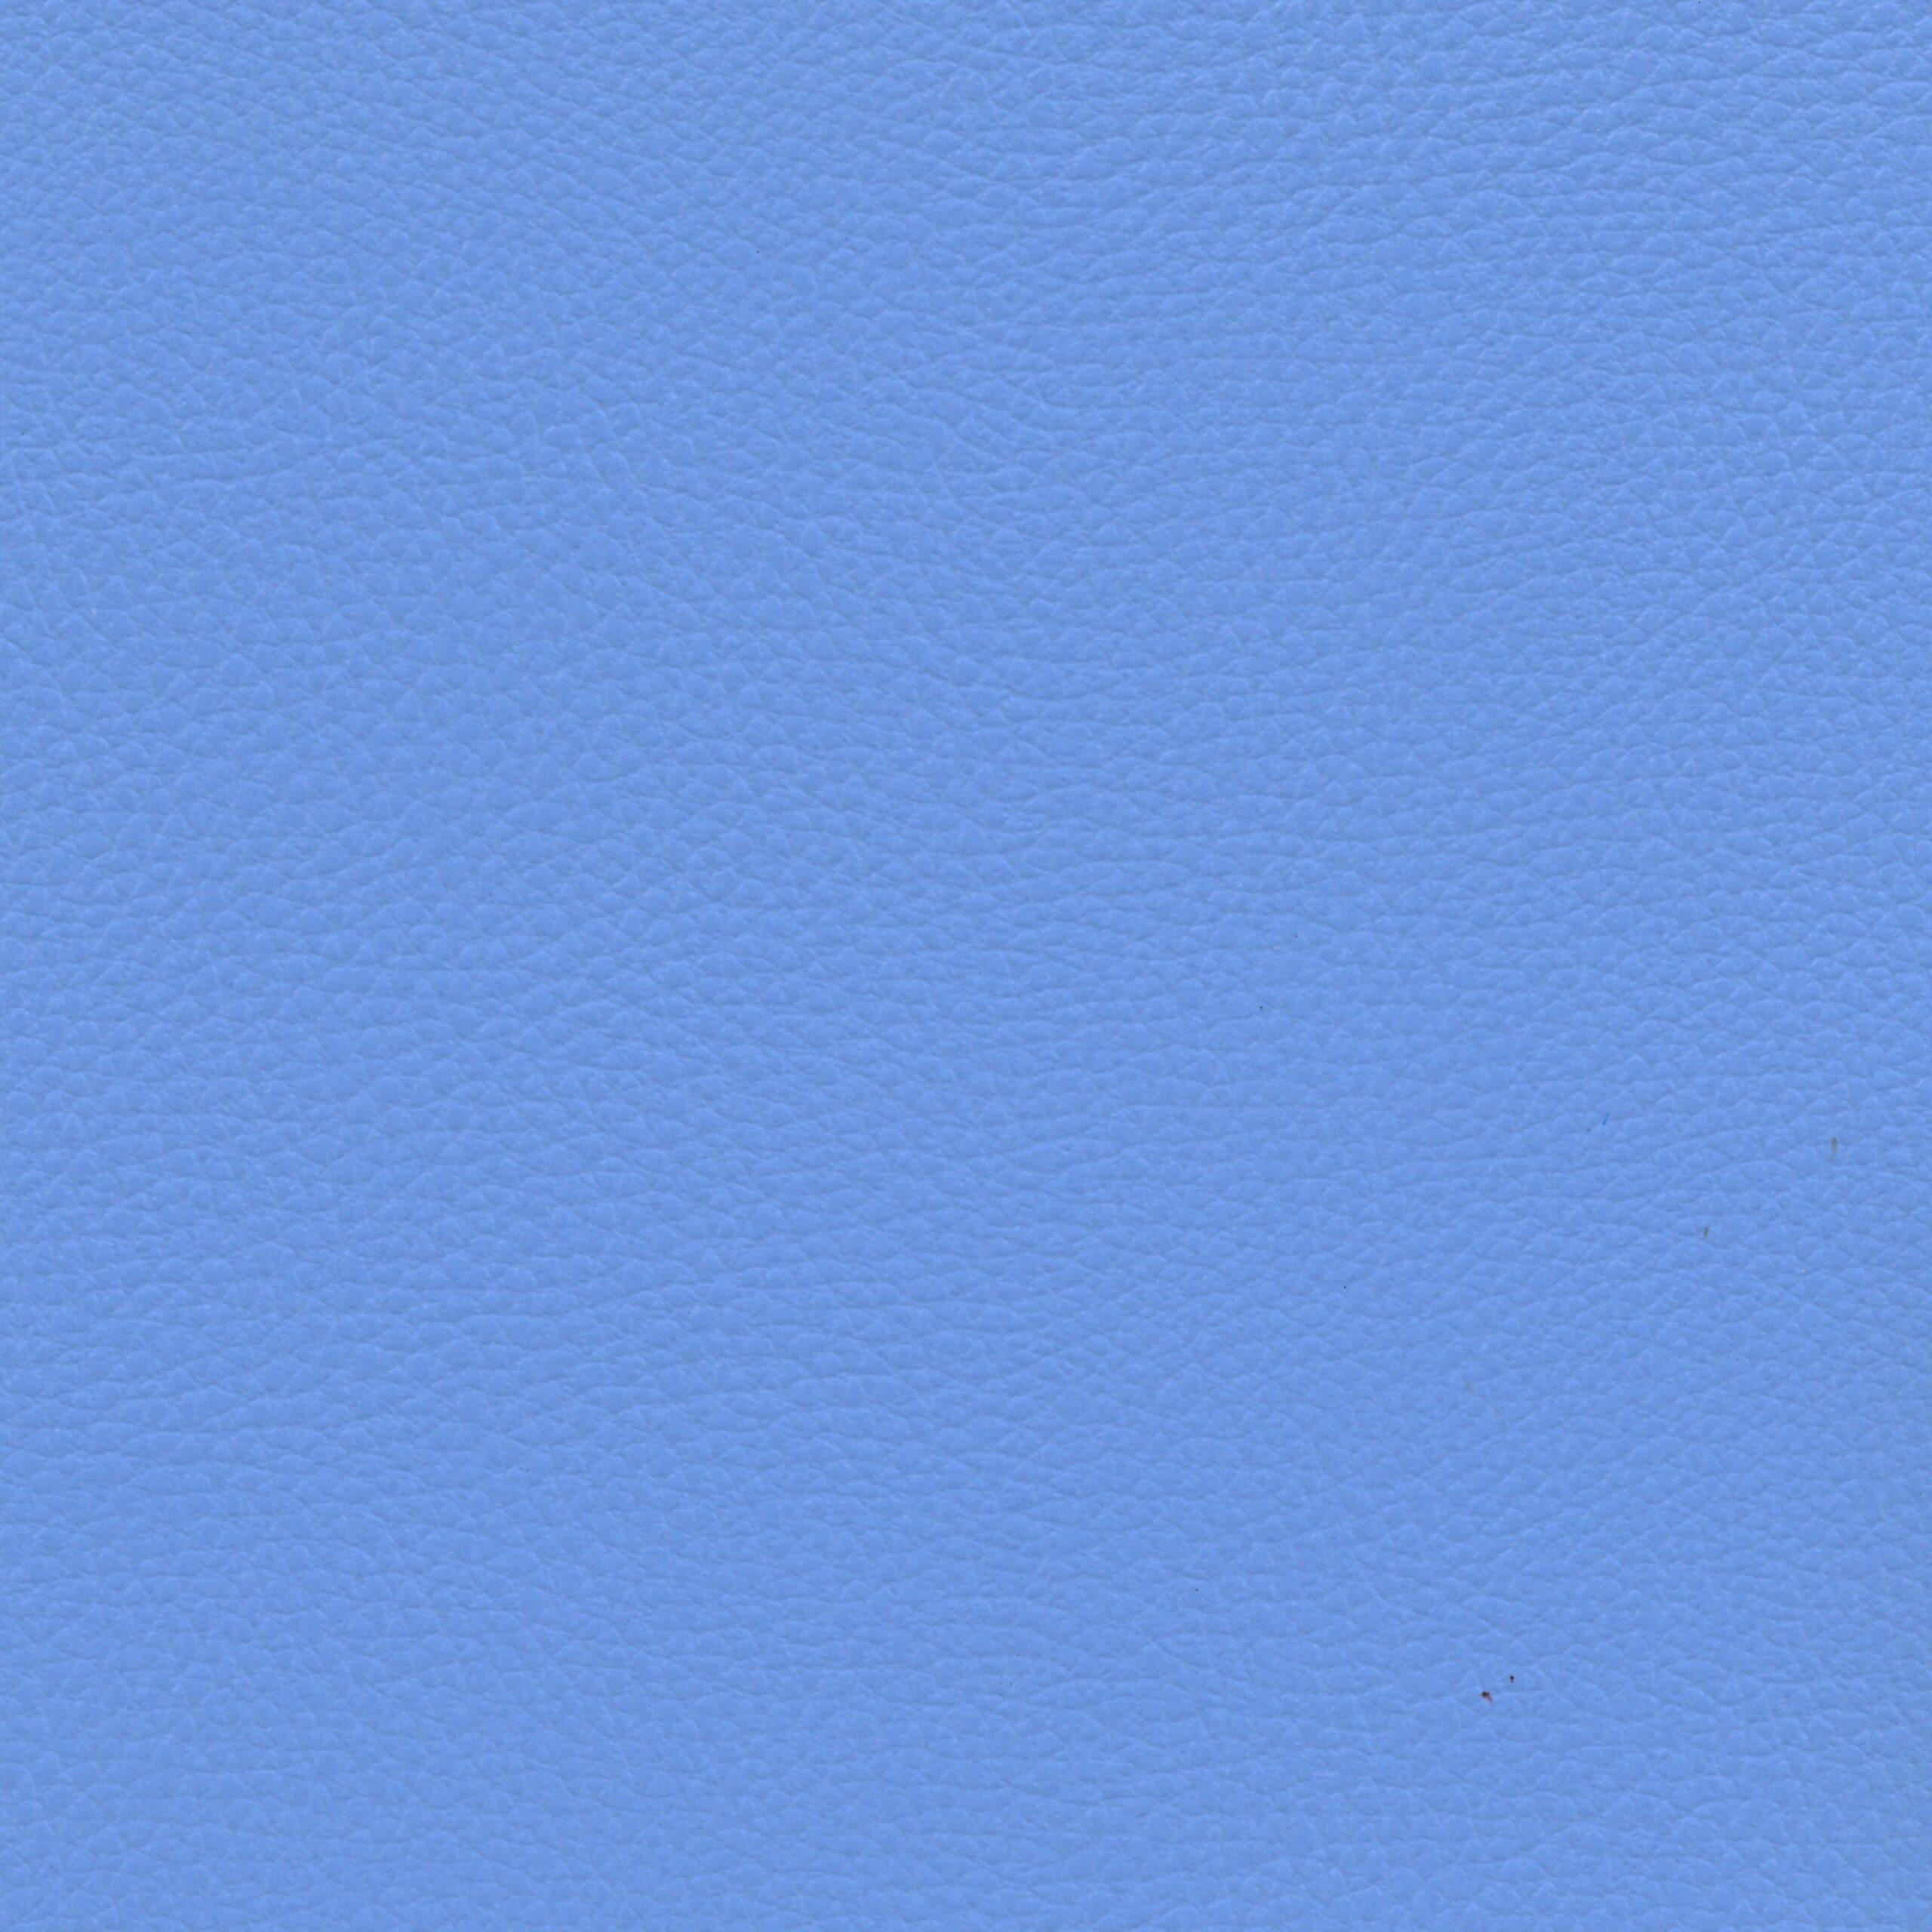 Ginkgo Celeste - Cotting / Happening